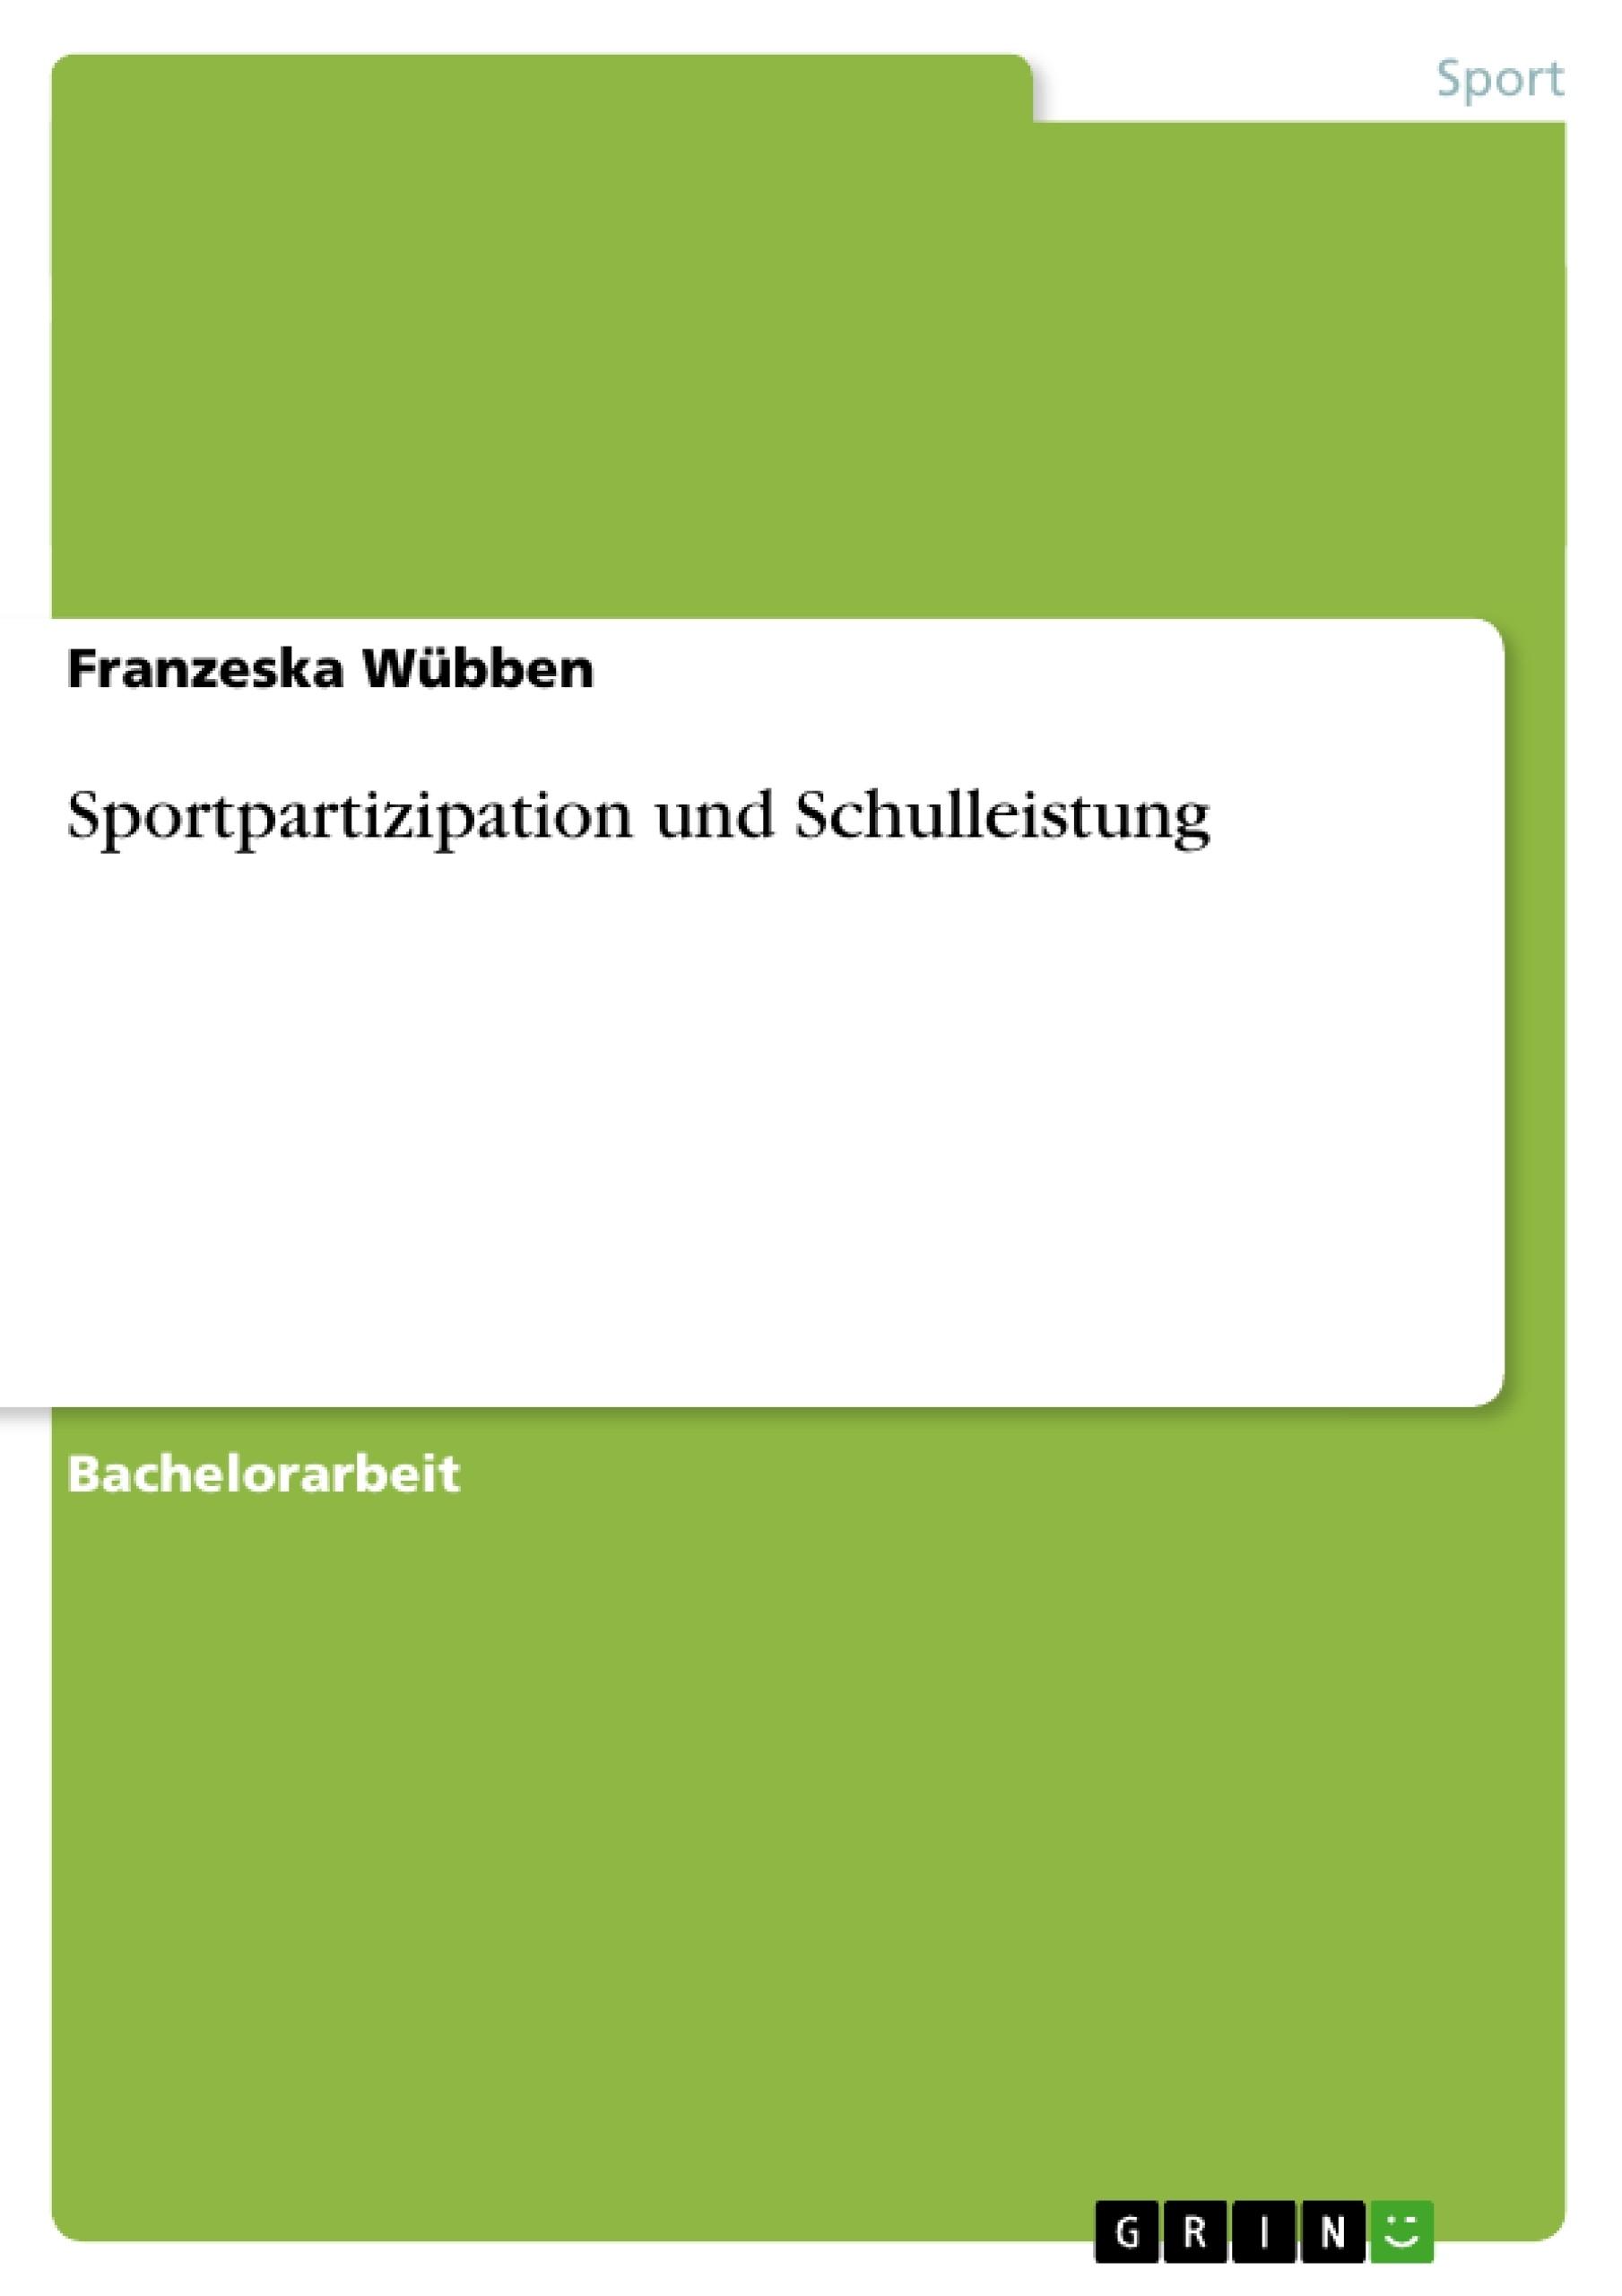 Titel: Sportpartizipation und Schulleistung